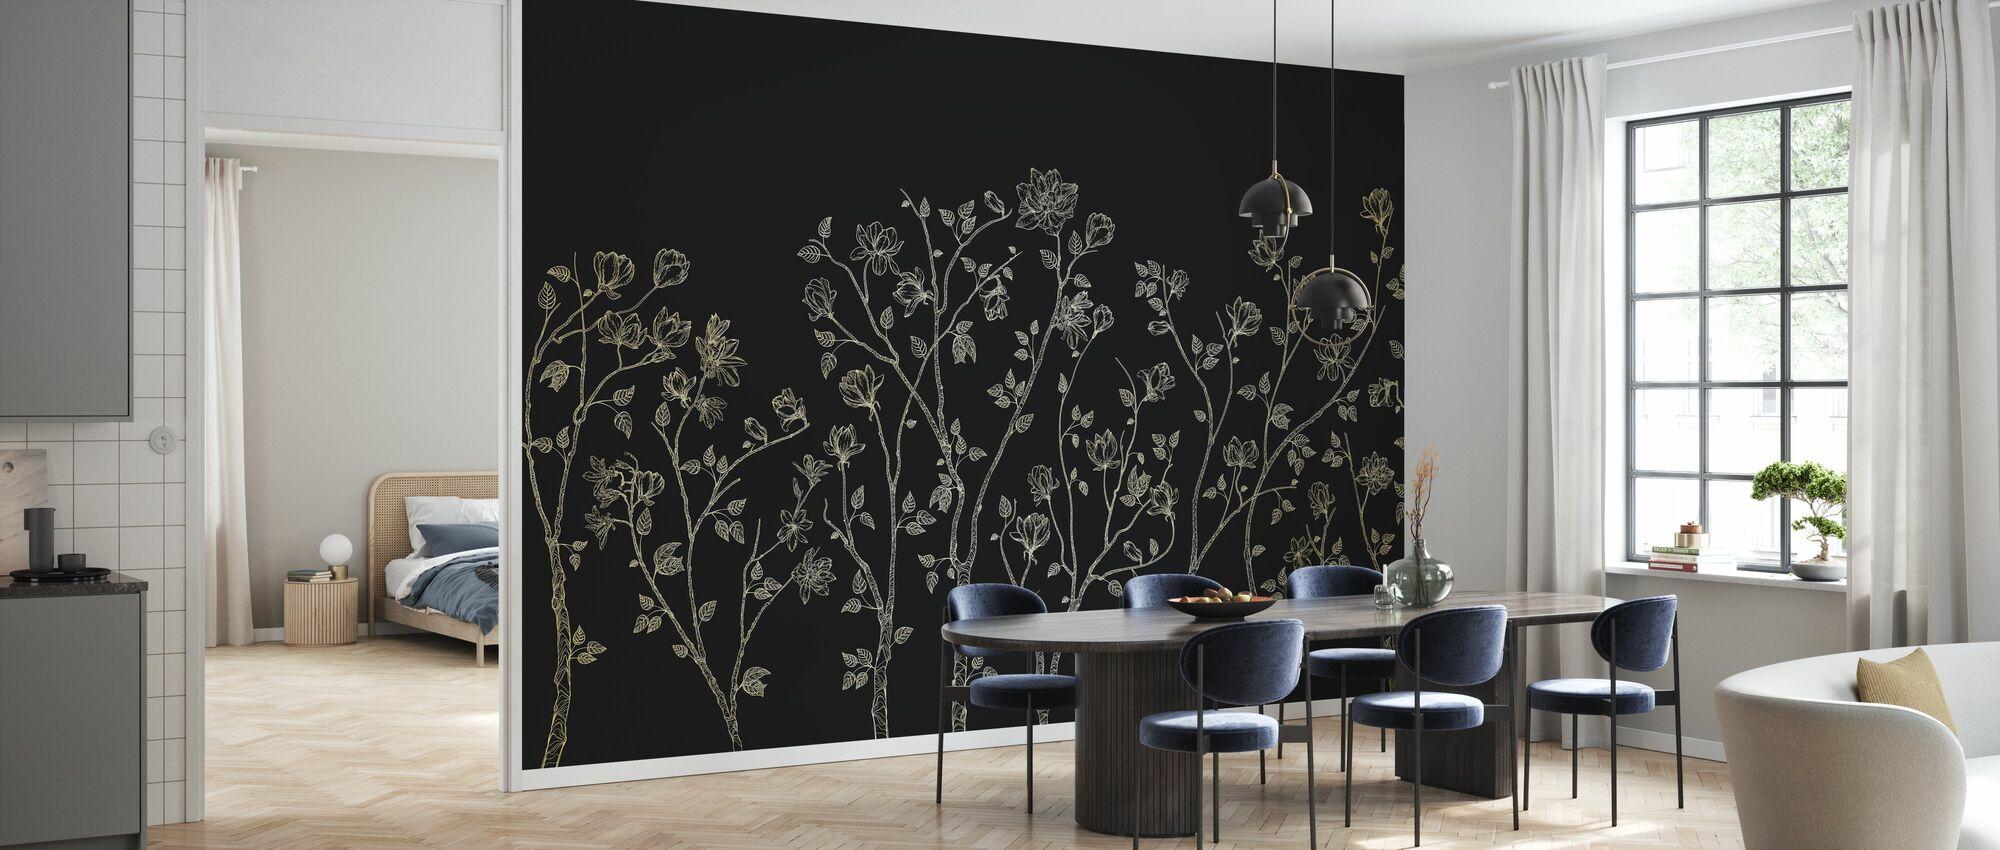 Crescent Vegetative - Dark Grey - Wallpaper - Kitchen